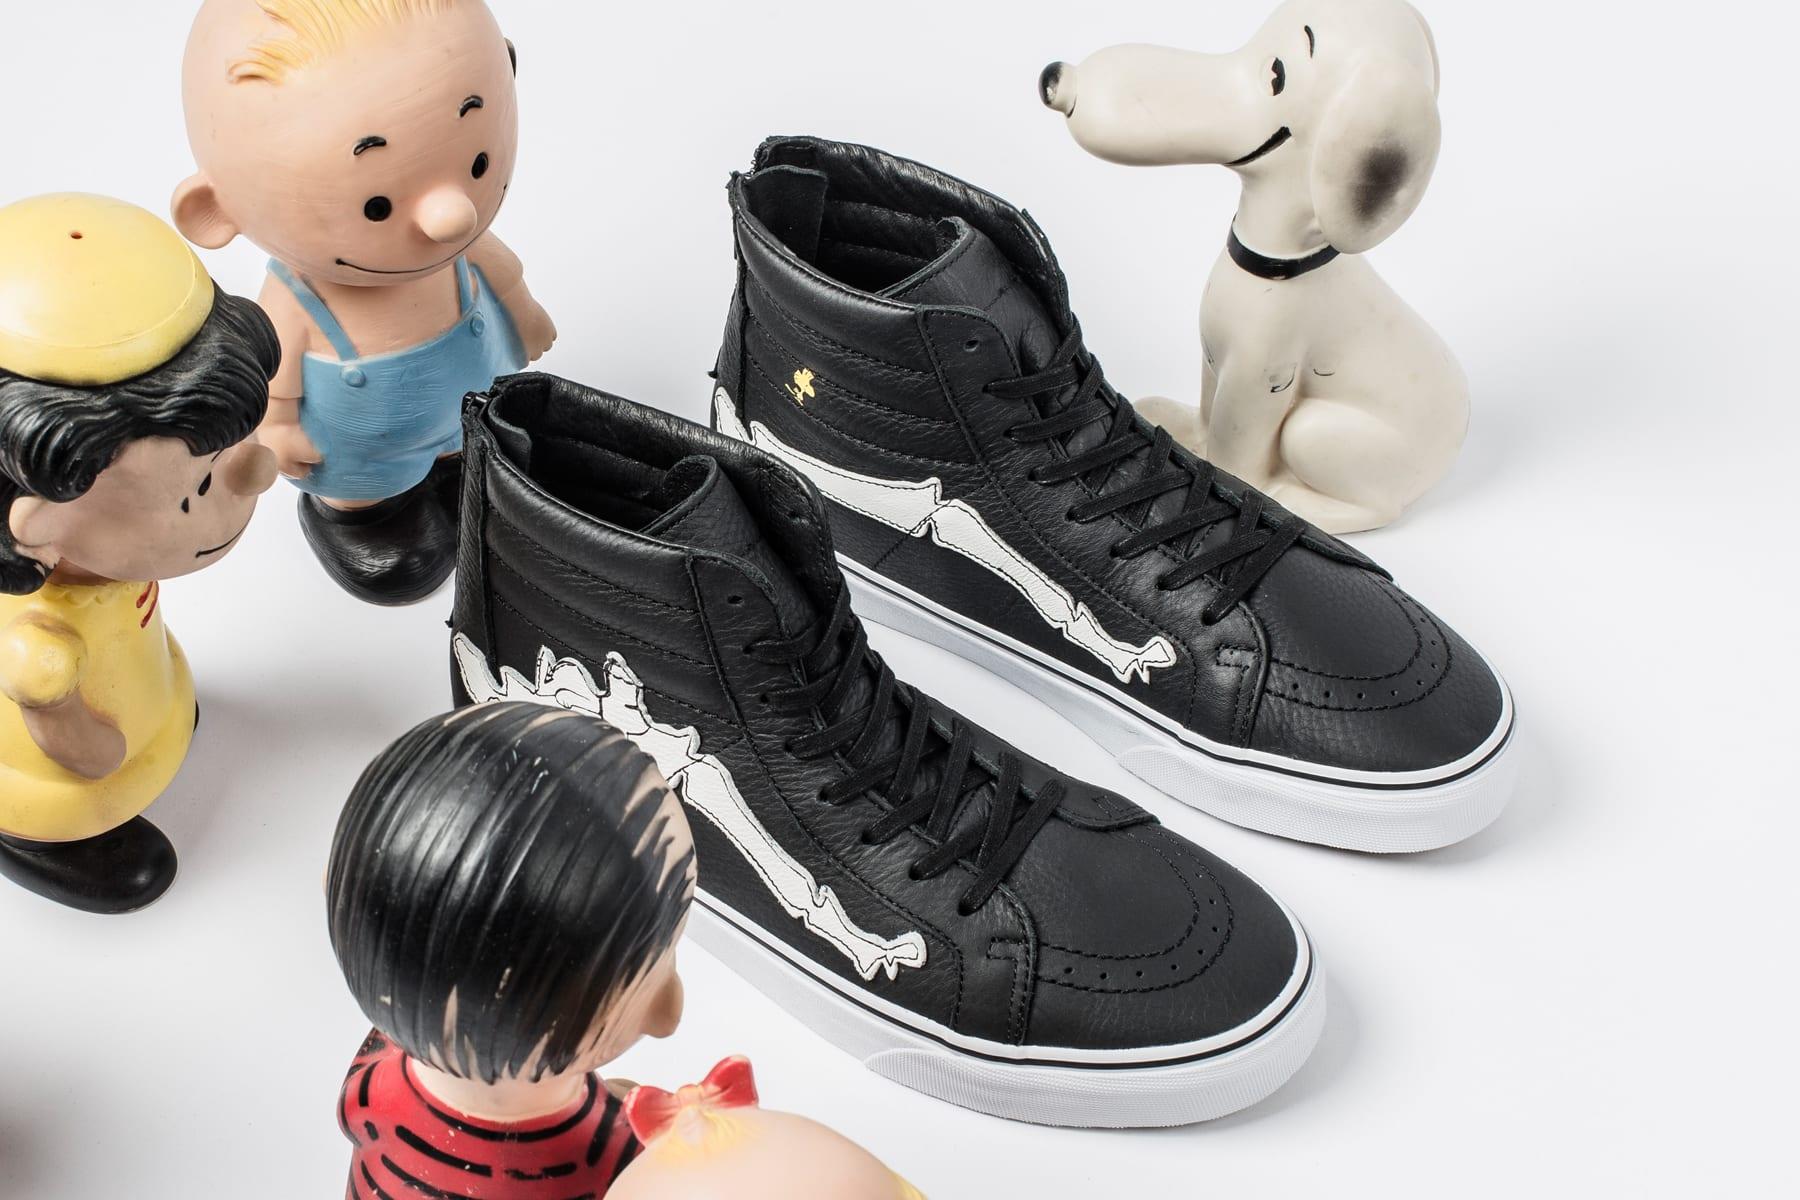 Vans Vault x Blends Sk8-Hi Zip Peanuts Release Date (4)